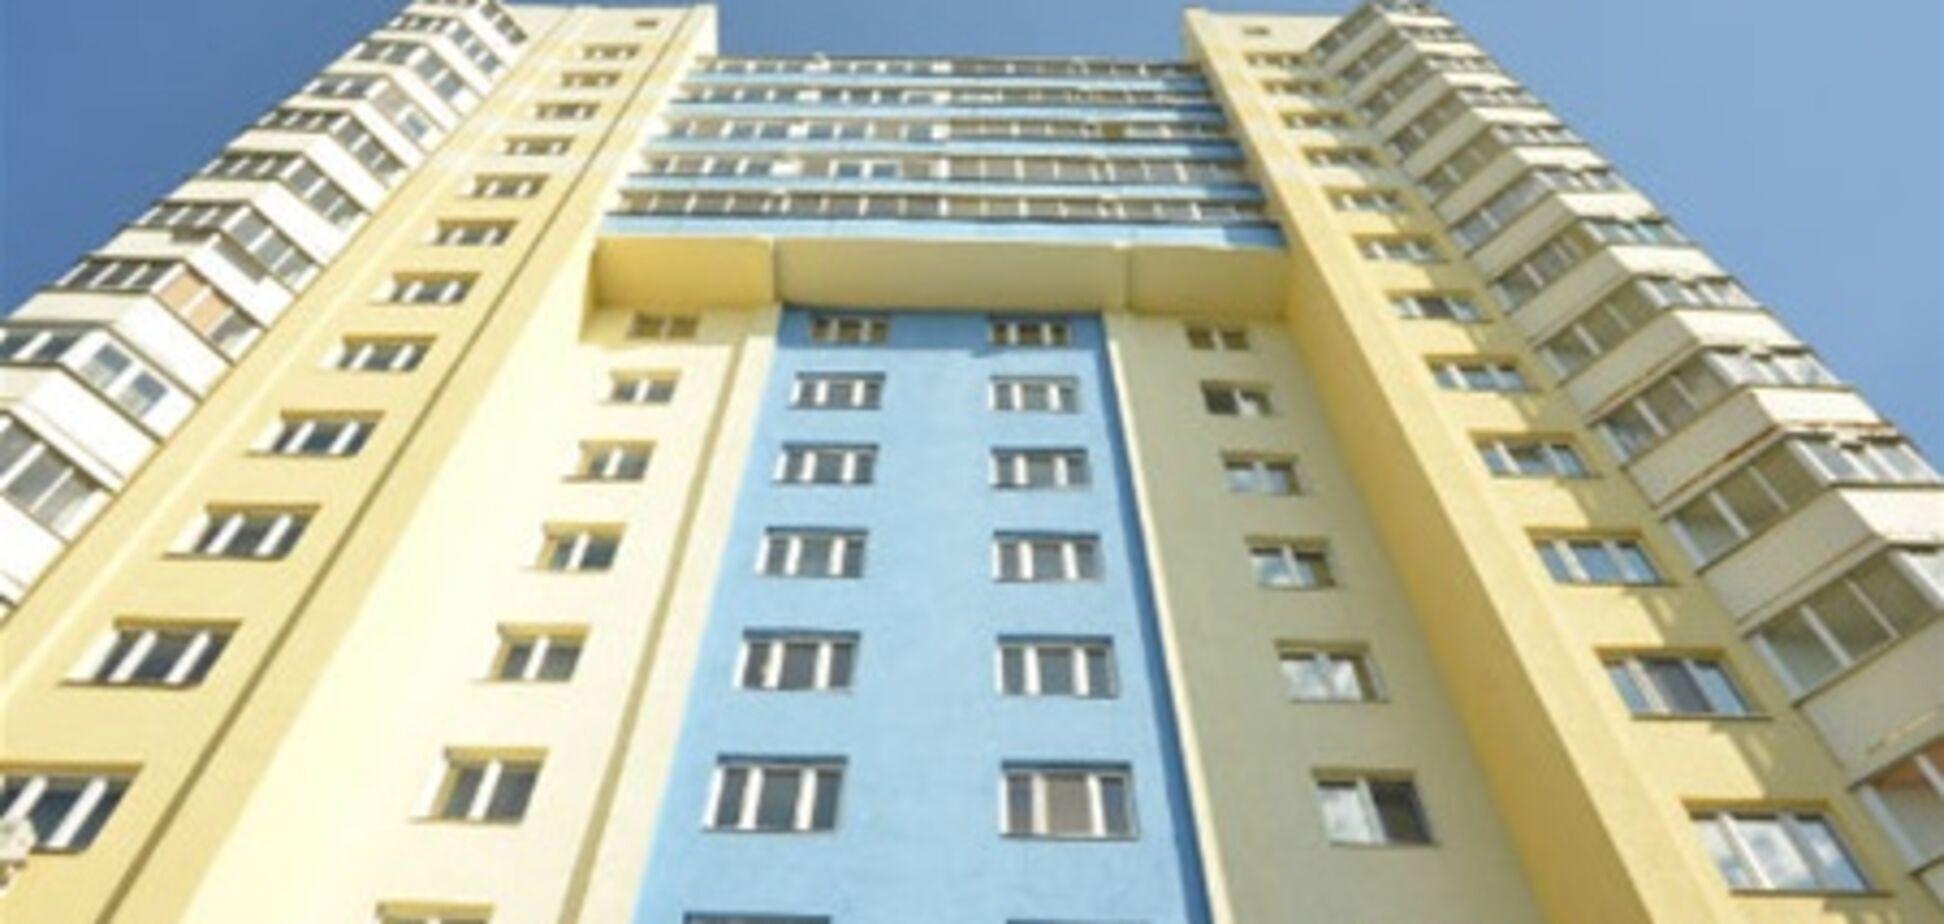 За октябрь в Киеве сдано в аренду более двух тысяч квартир